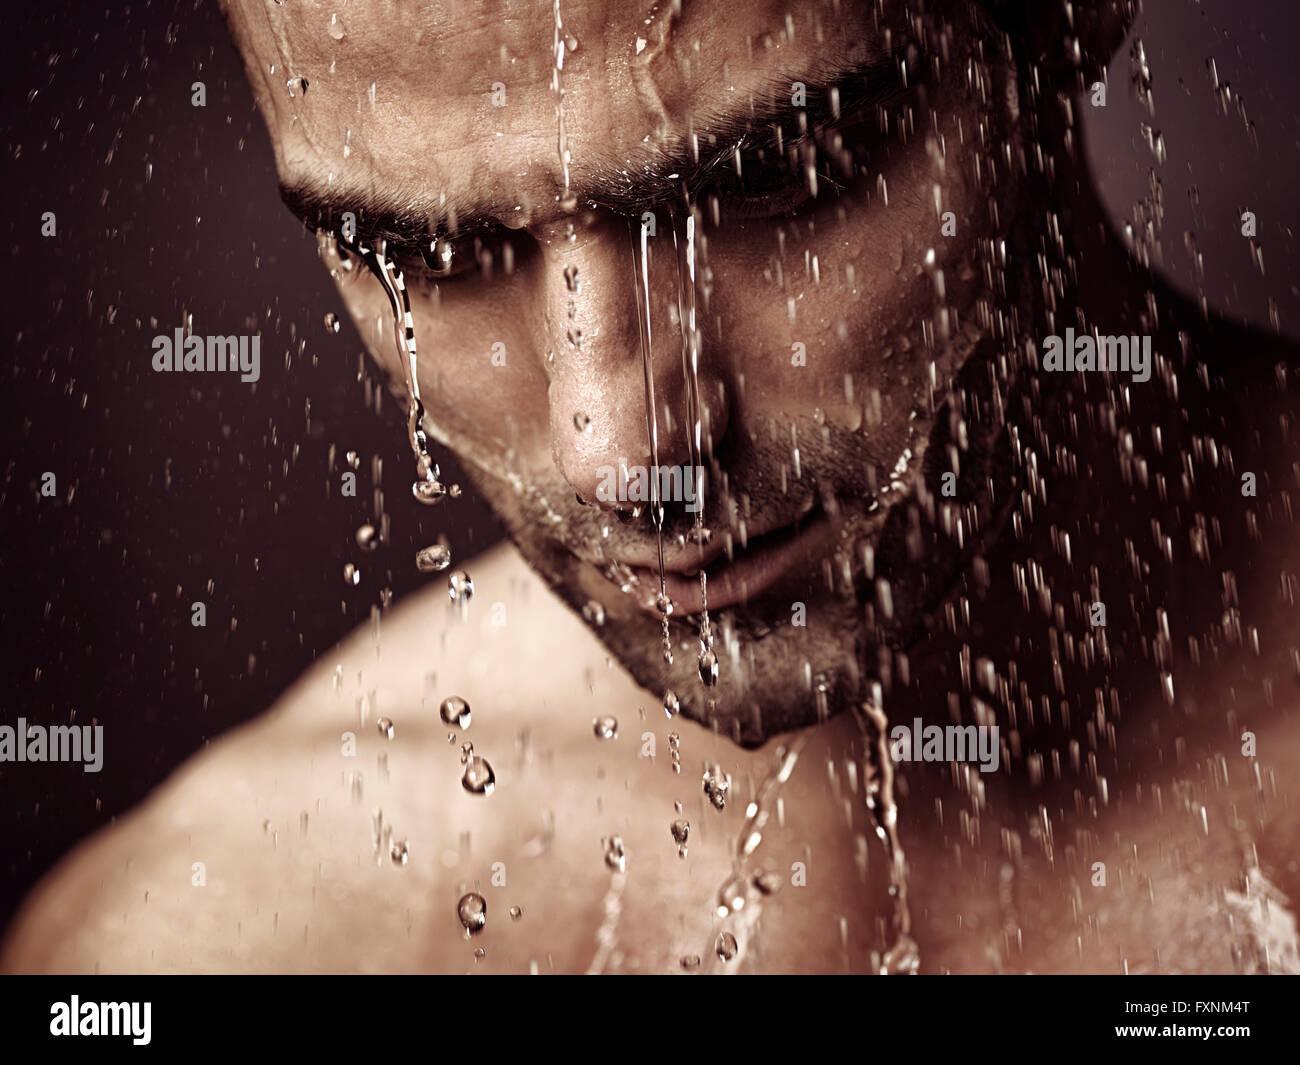 Visage de l'homme troublé pensif sous douche Photo Stock